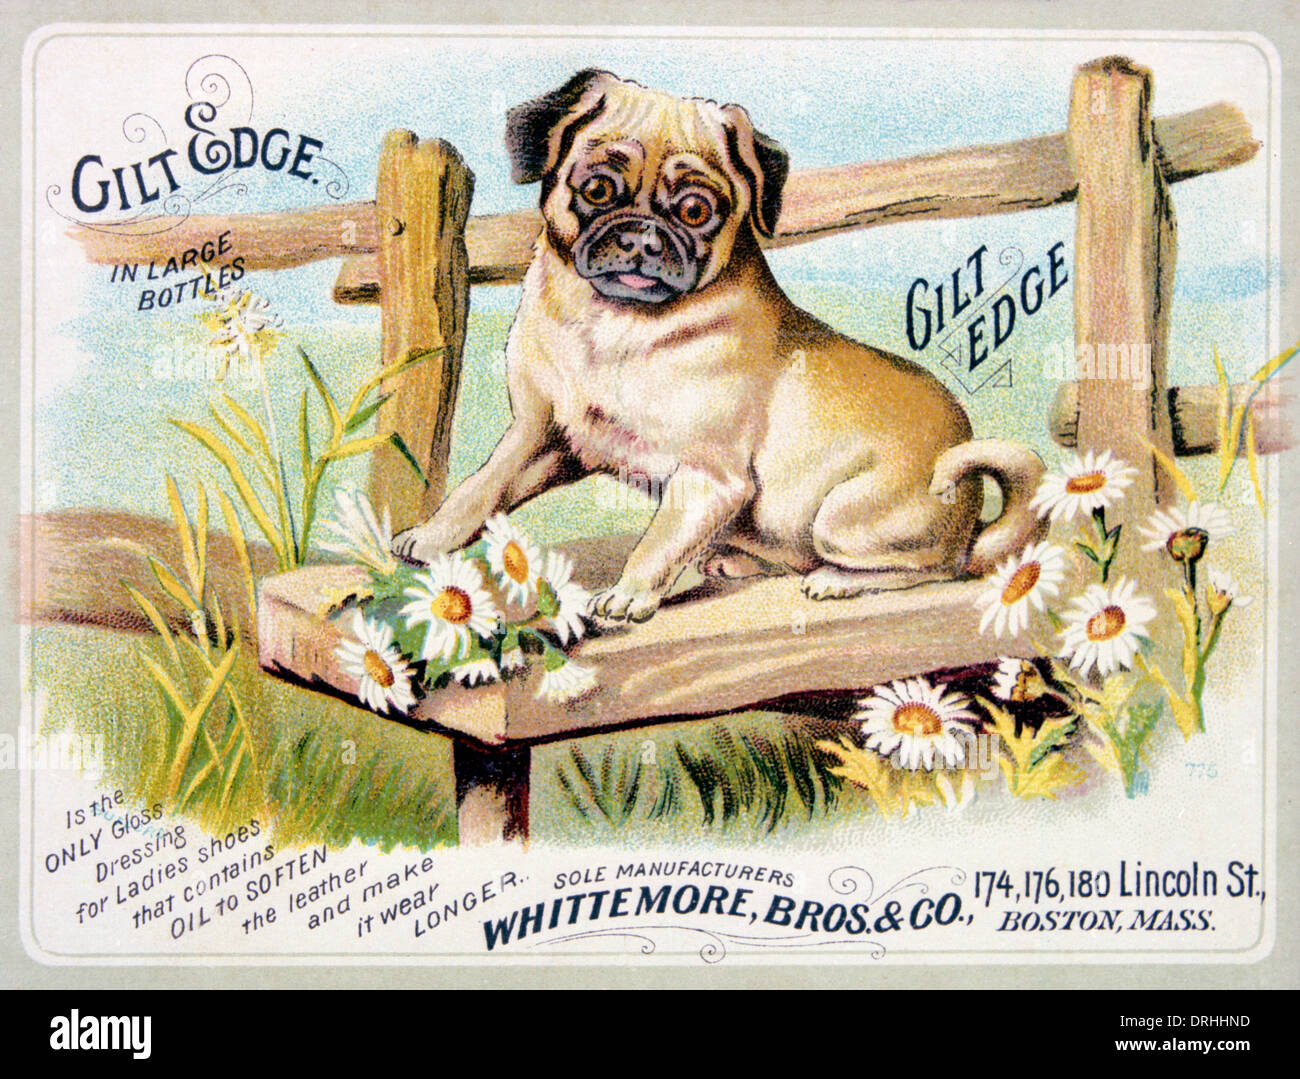 Gilt Edge pug dog Advertisement. - Stock Image